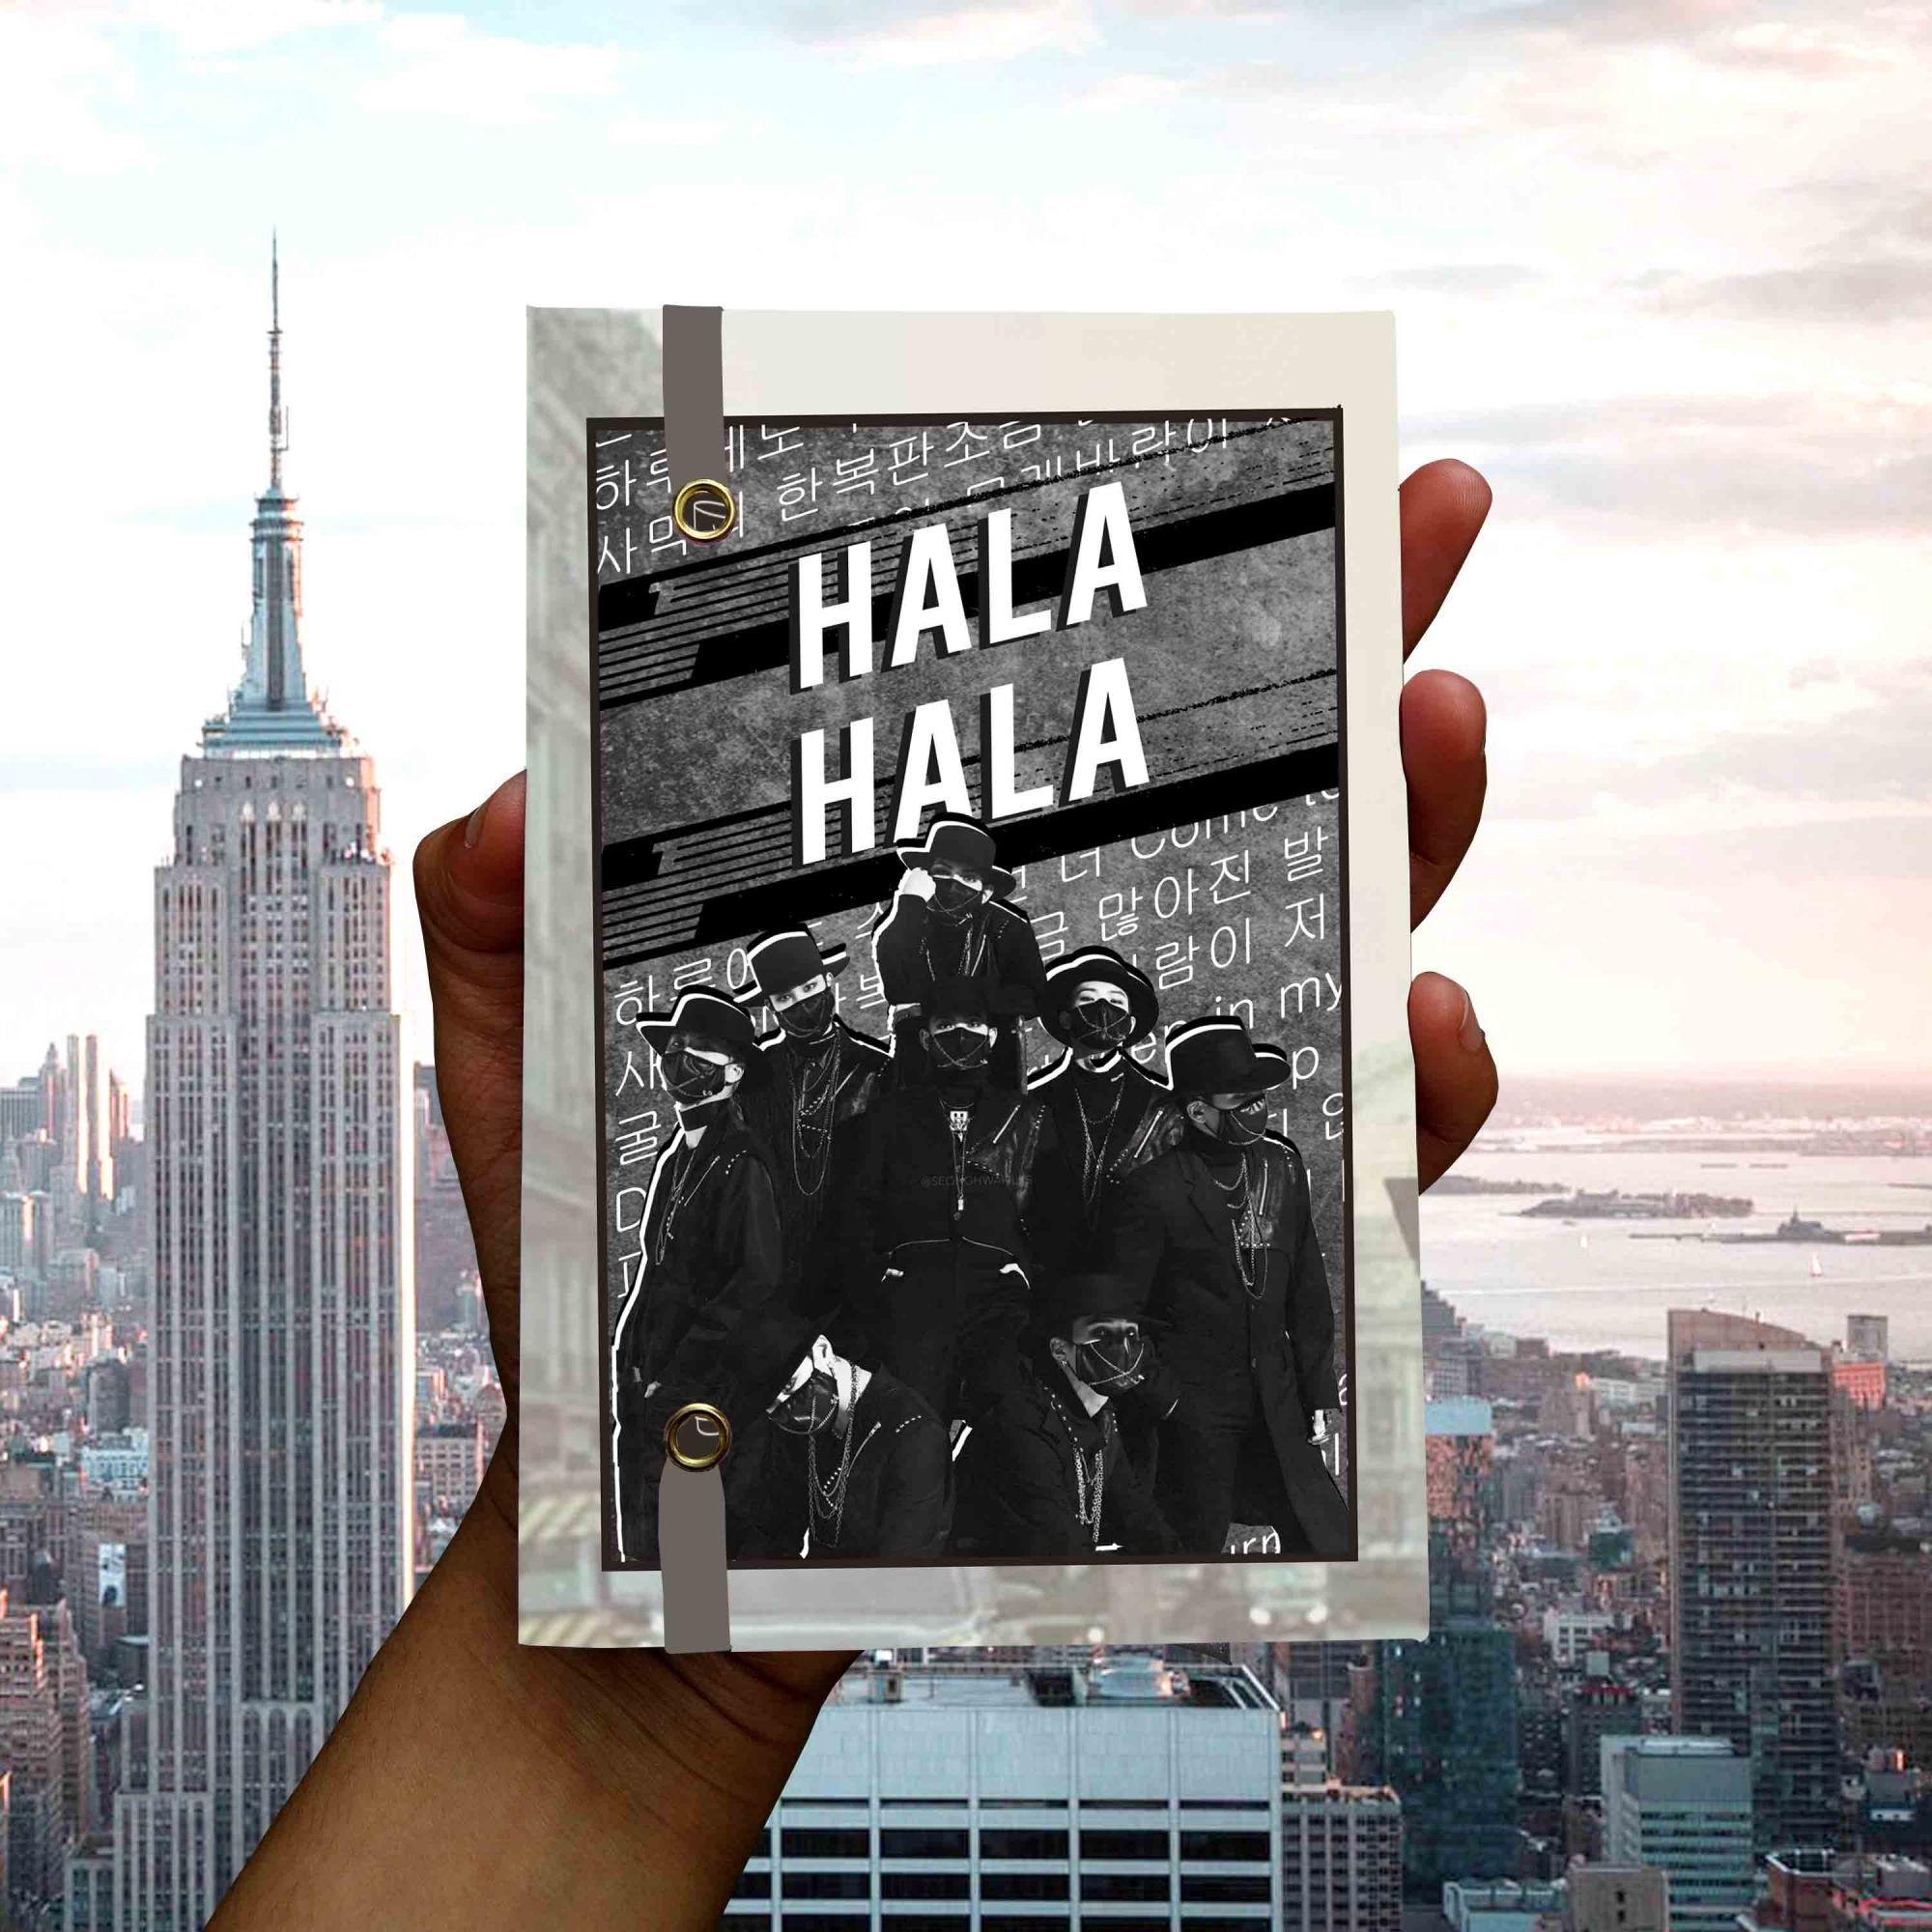 Ateez - Say My Name/ Hala Hala  - Lojinha Só Dasoh